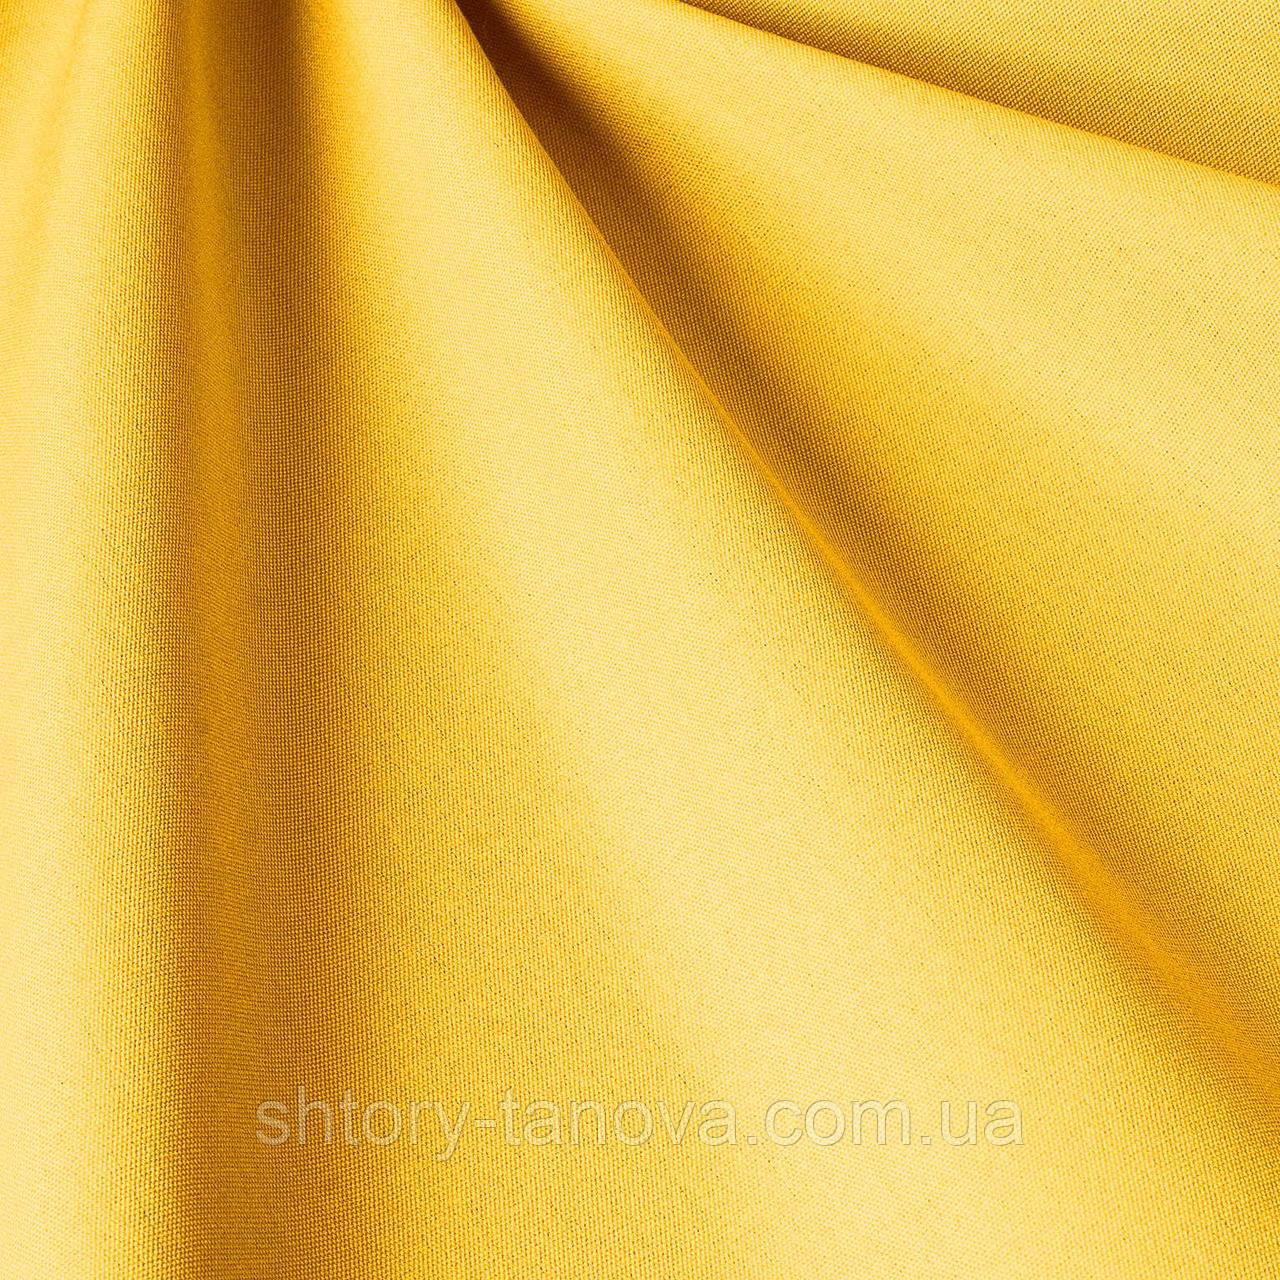 Однотонная акриловая ткань для улицы ярко-желтого цвета